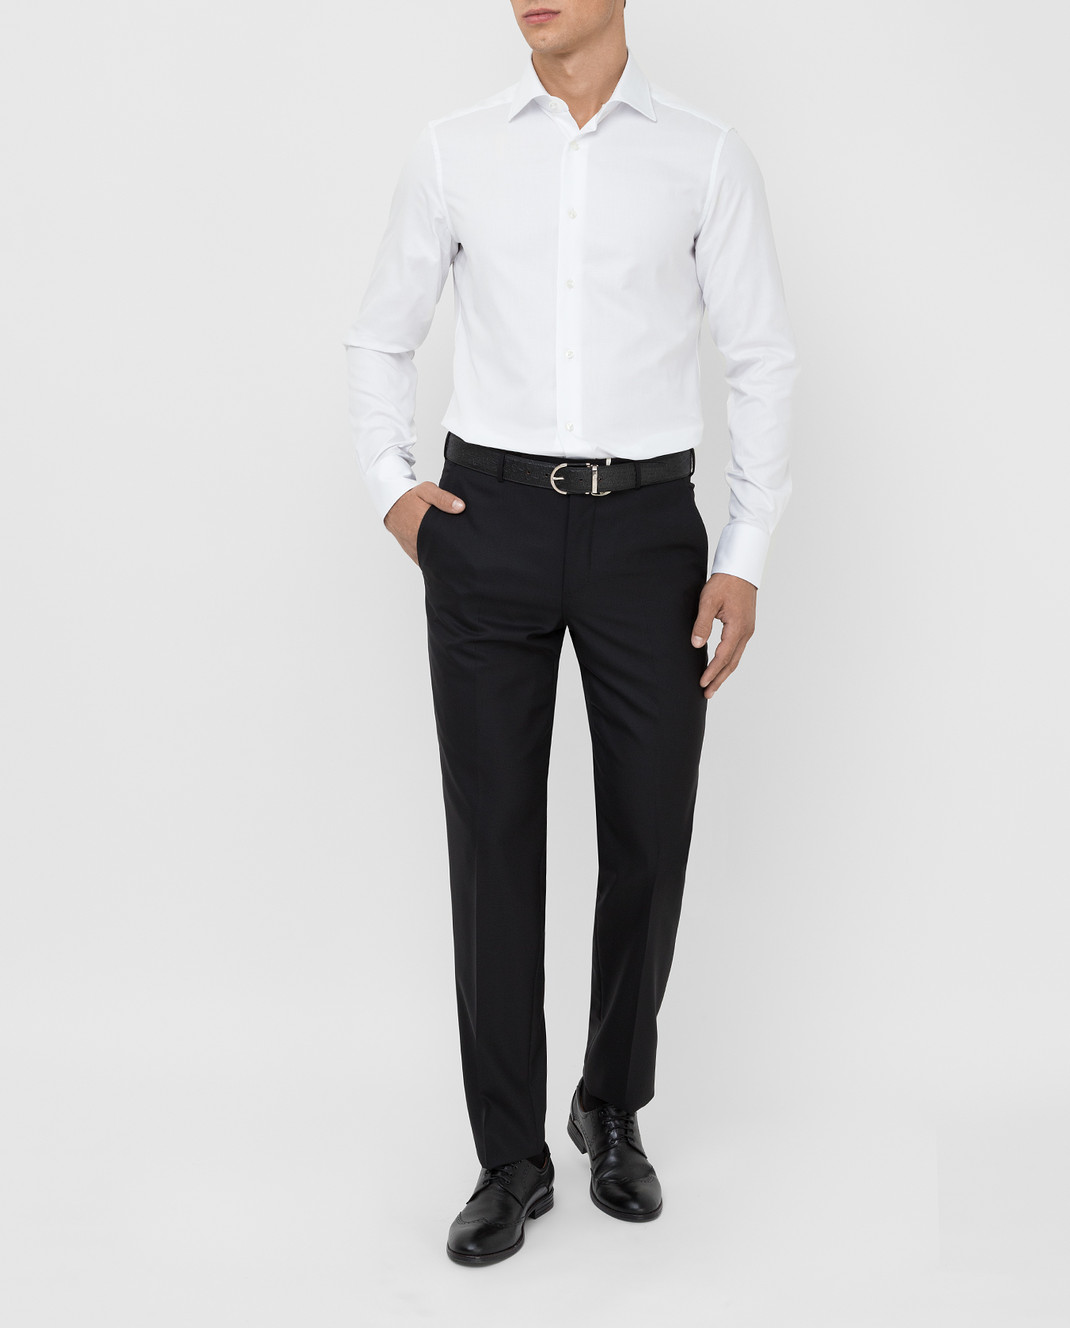 Ermenegildo Zegna Черные брюки из шерсти изображение 2